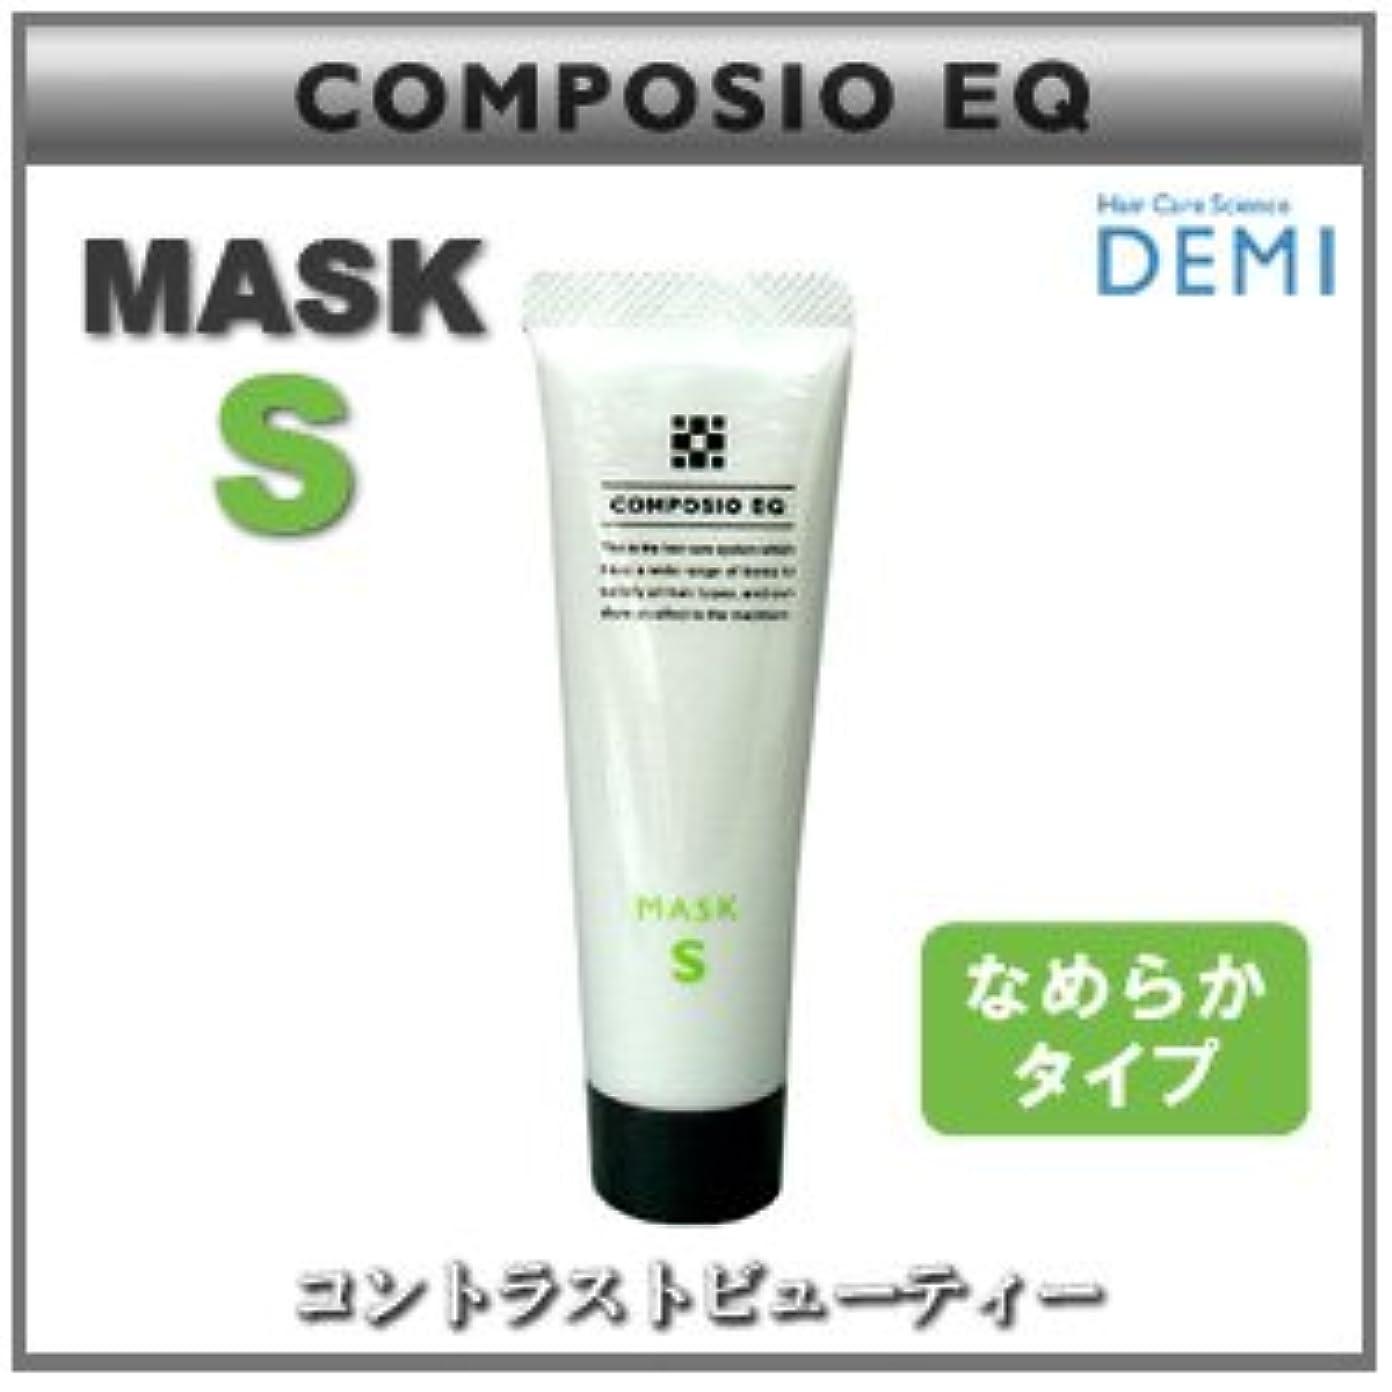 流用する求人くしゃみ【X2個セット】 デミ コンポジオ EQ マスク S 50g